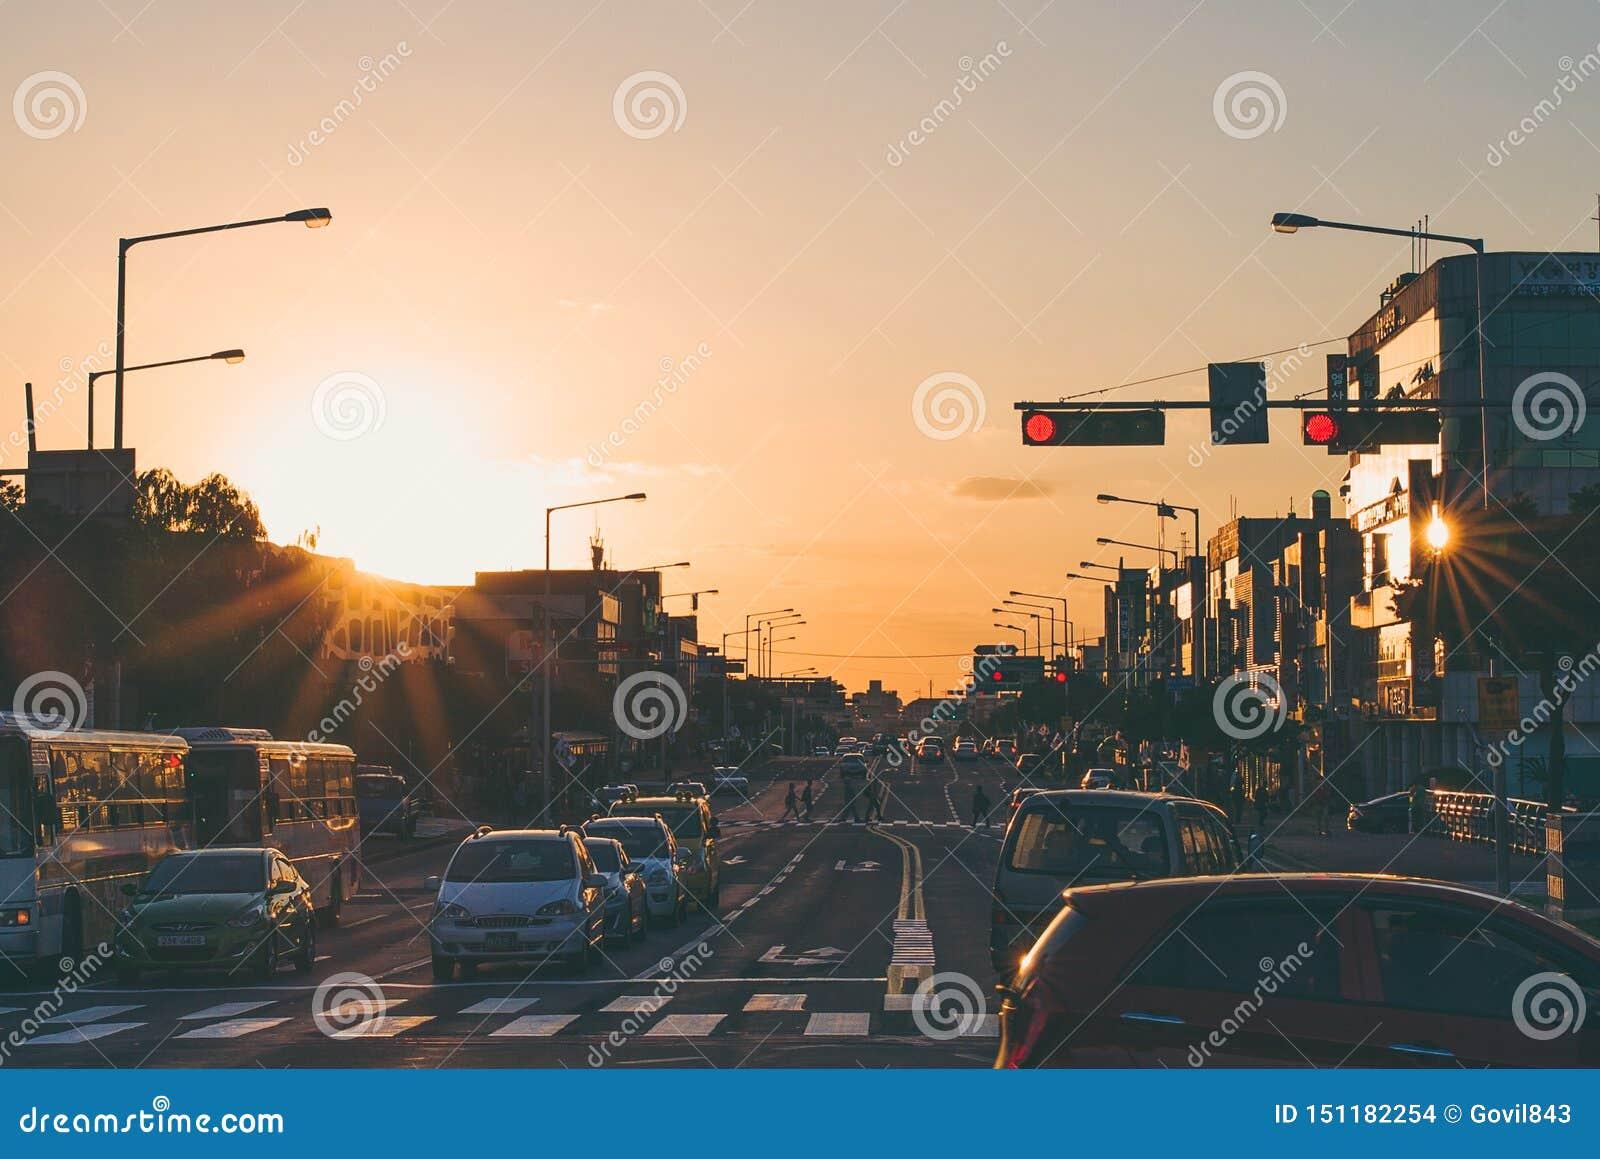 Hoofdstraat van Jeju-Eiland tijdens de zonsondergang van de avond